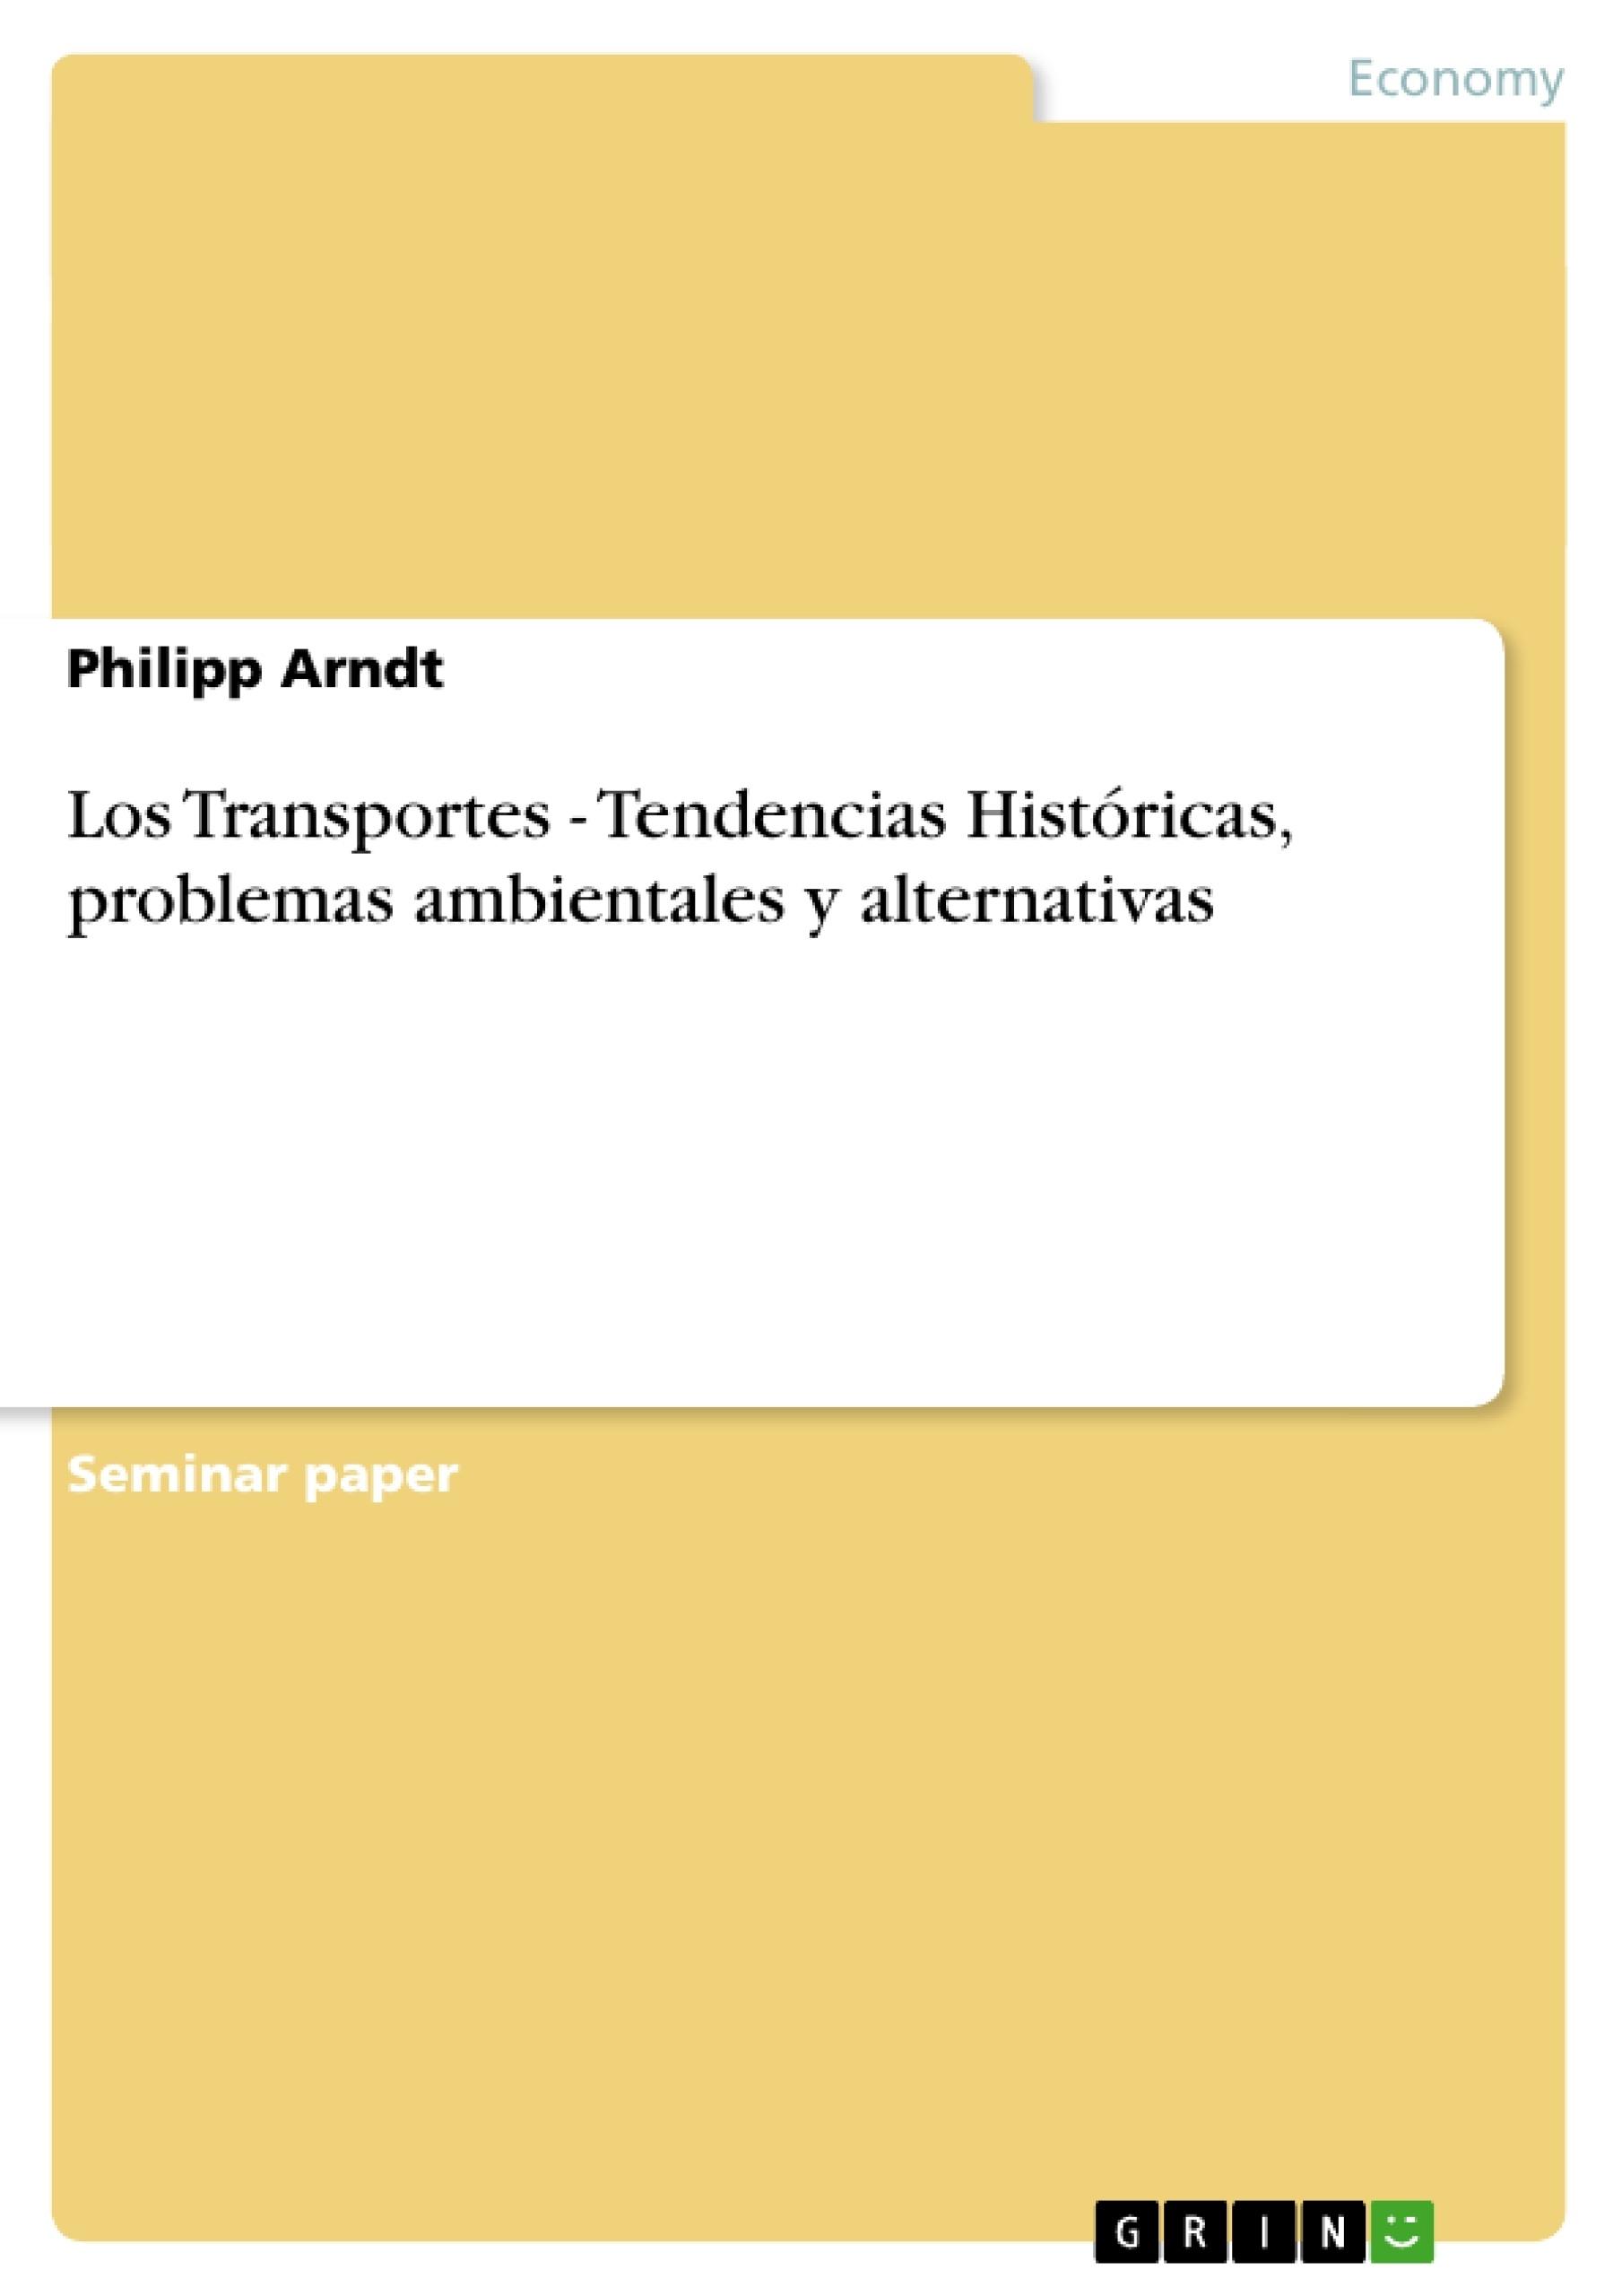 Título: Los Transportes -  Tendencias Históricas, problemas ambientales y alternativas